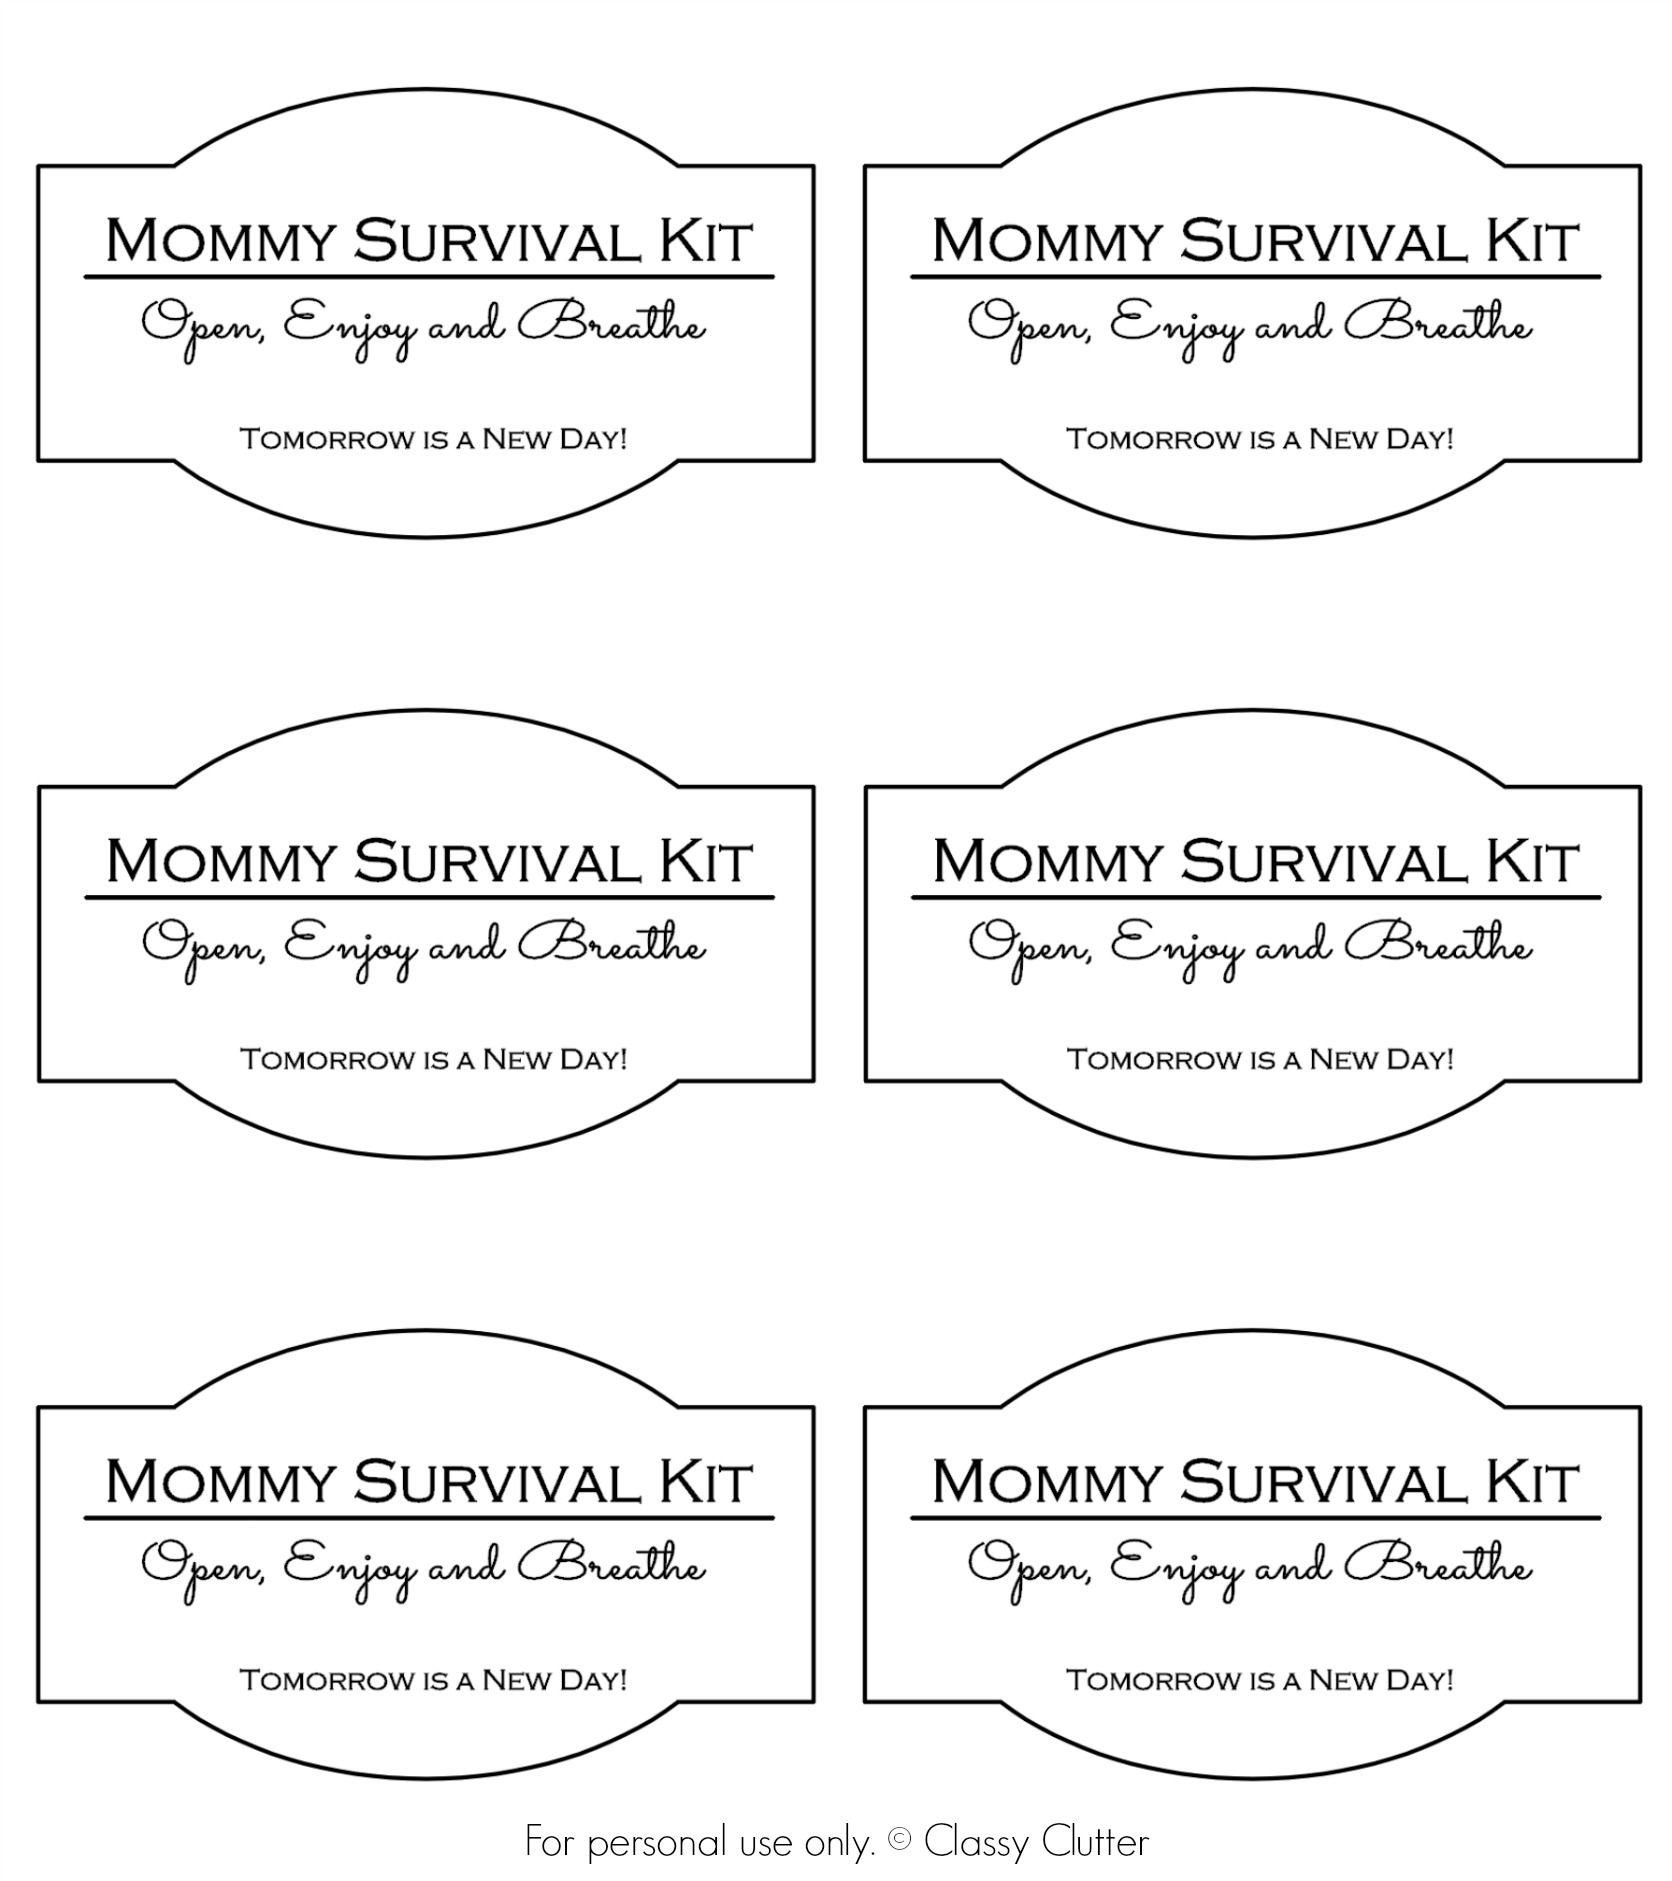 Mommy Survival Kit in a Jar | Pinterest | Baby geburt, Babyparty und ...